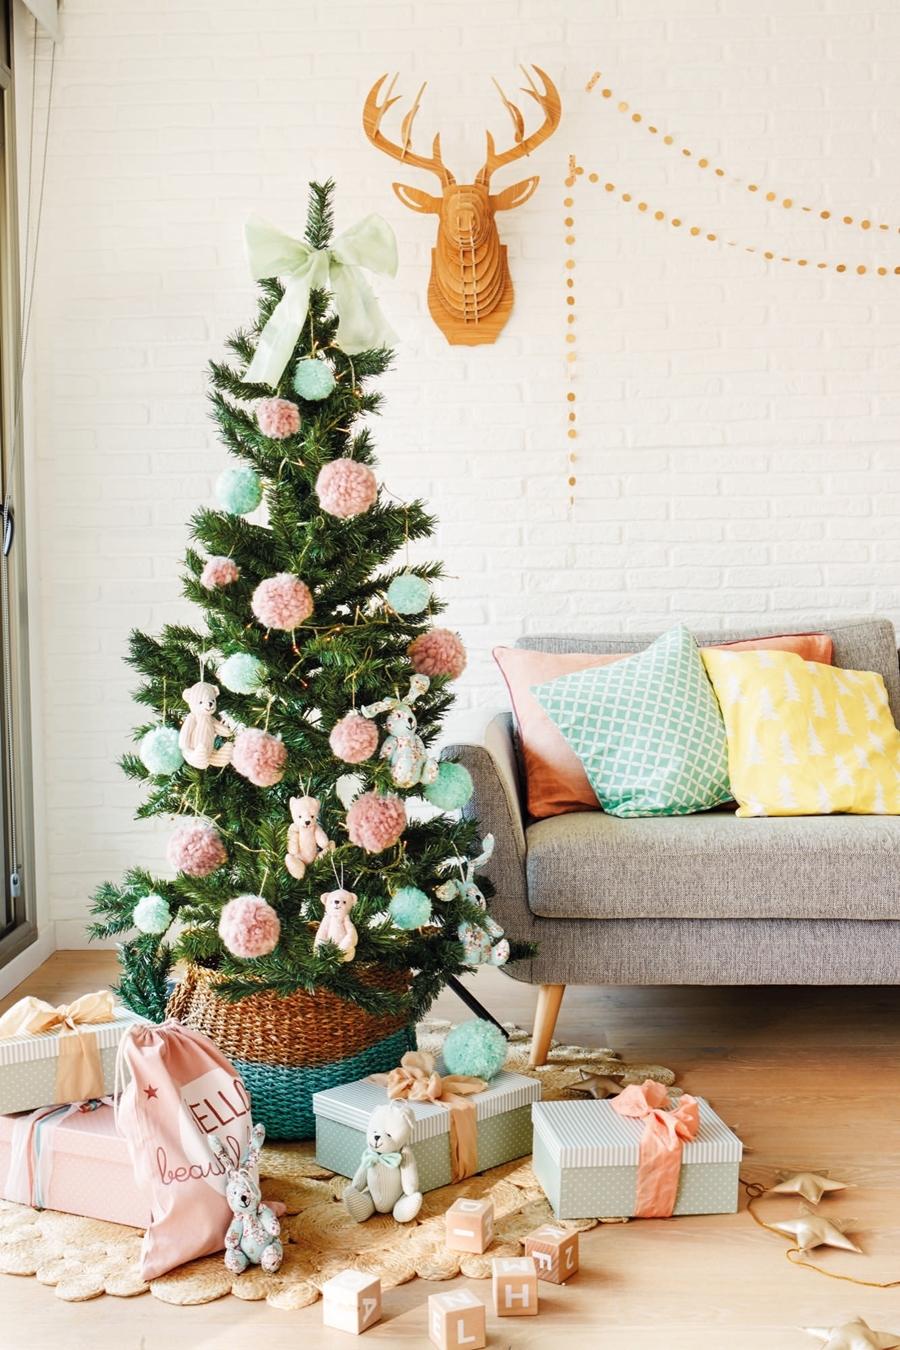 Święta po skandynawsku w pastelowych kolorach, wystrój wnętrz, wnętrza, urządzanie mieszkania, dom, home decor, dekoracje, aranżacje, styl skandynawski, pastele, scandinavian style, pastelowe dodatki. Boże Narodzenie, Christmas, Święta, choinka, salon, pokój dzienny, living room